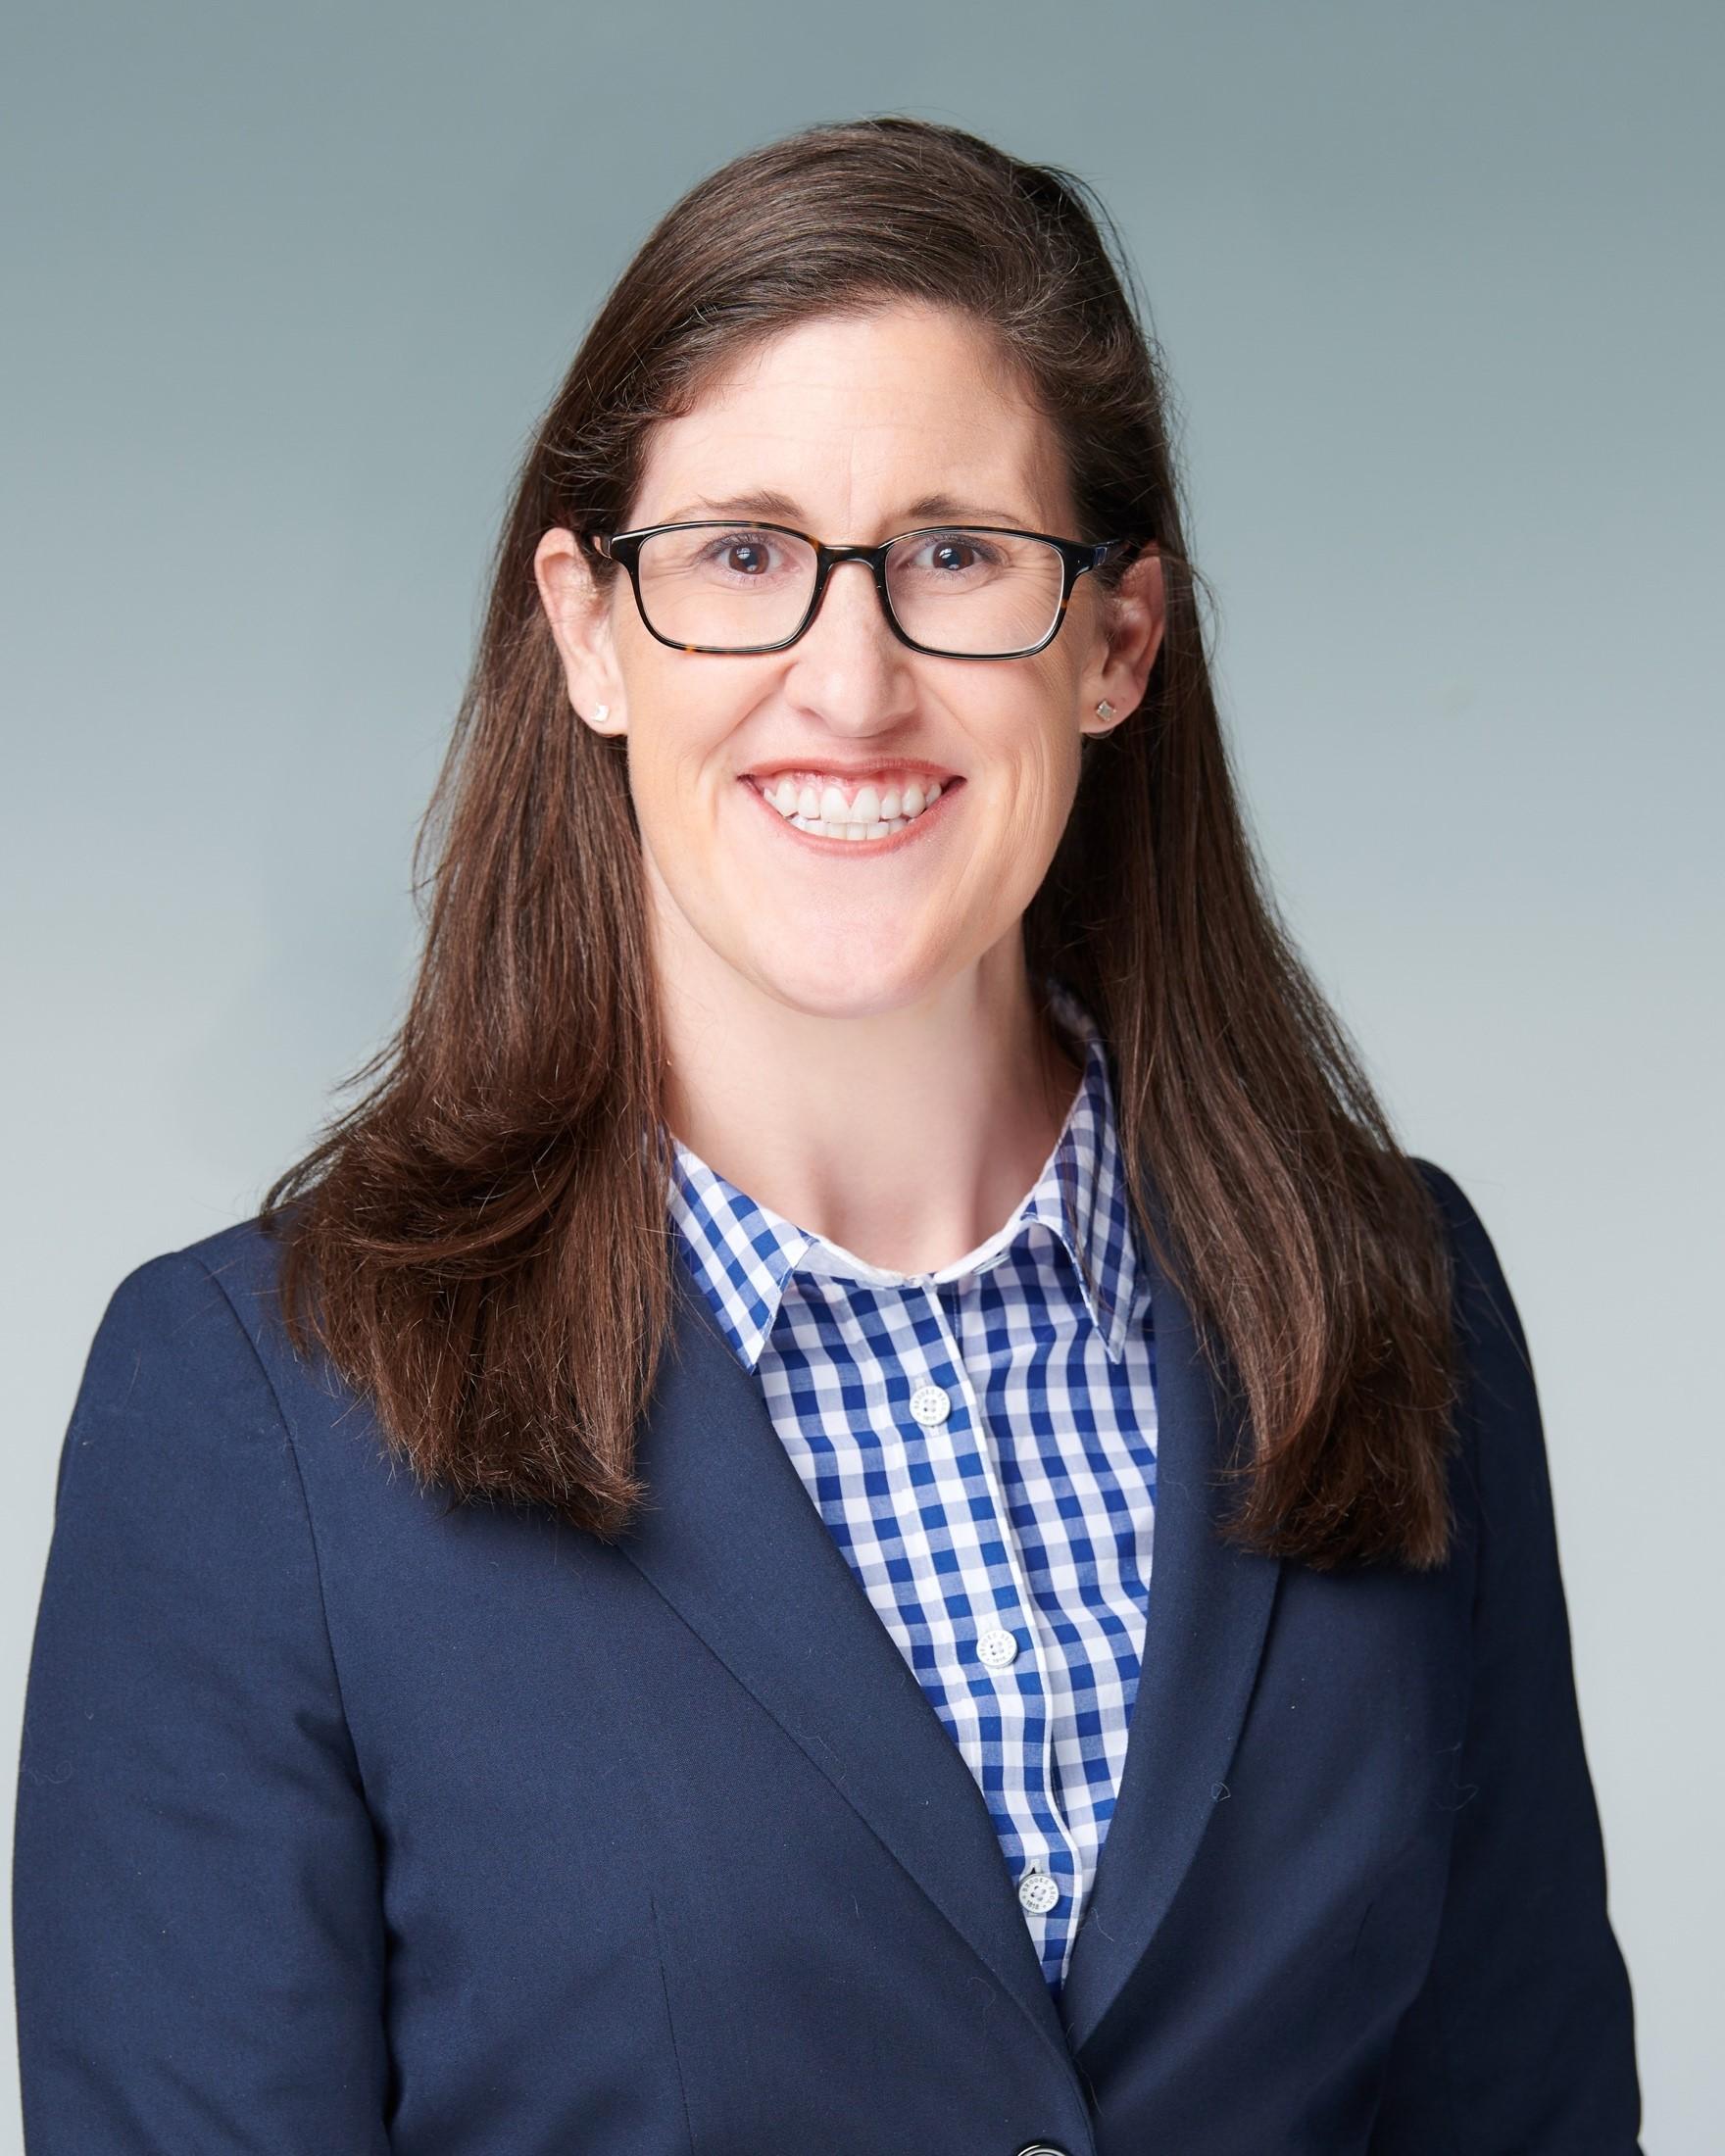 Lauren Stienstra